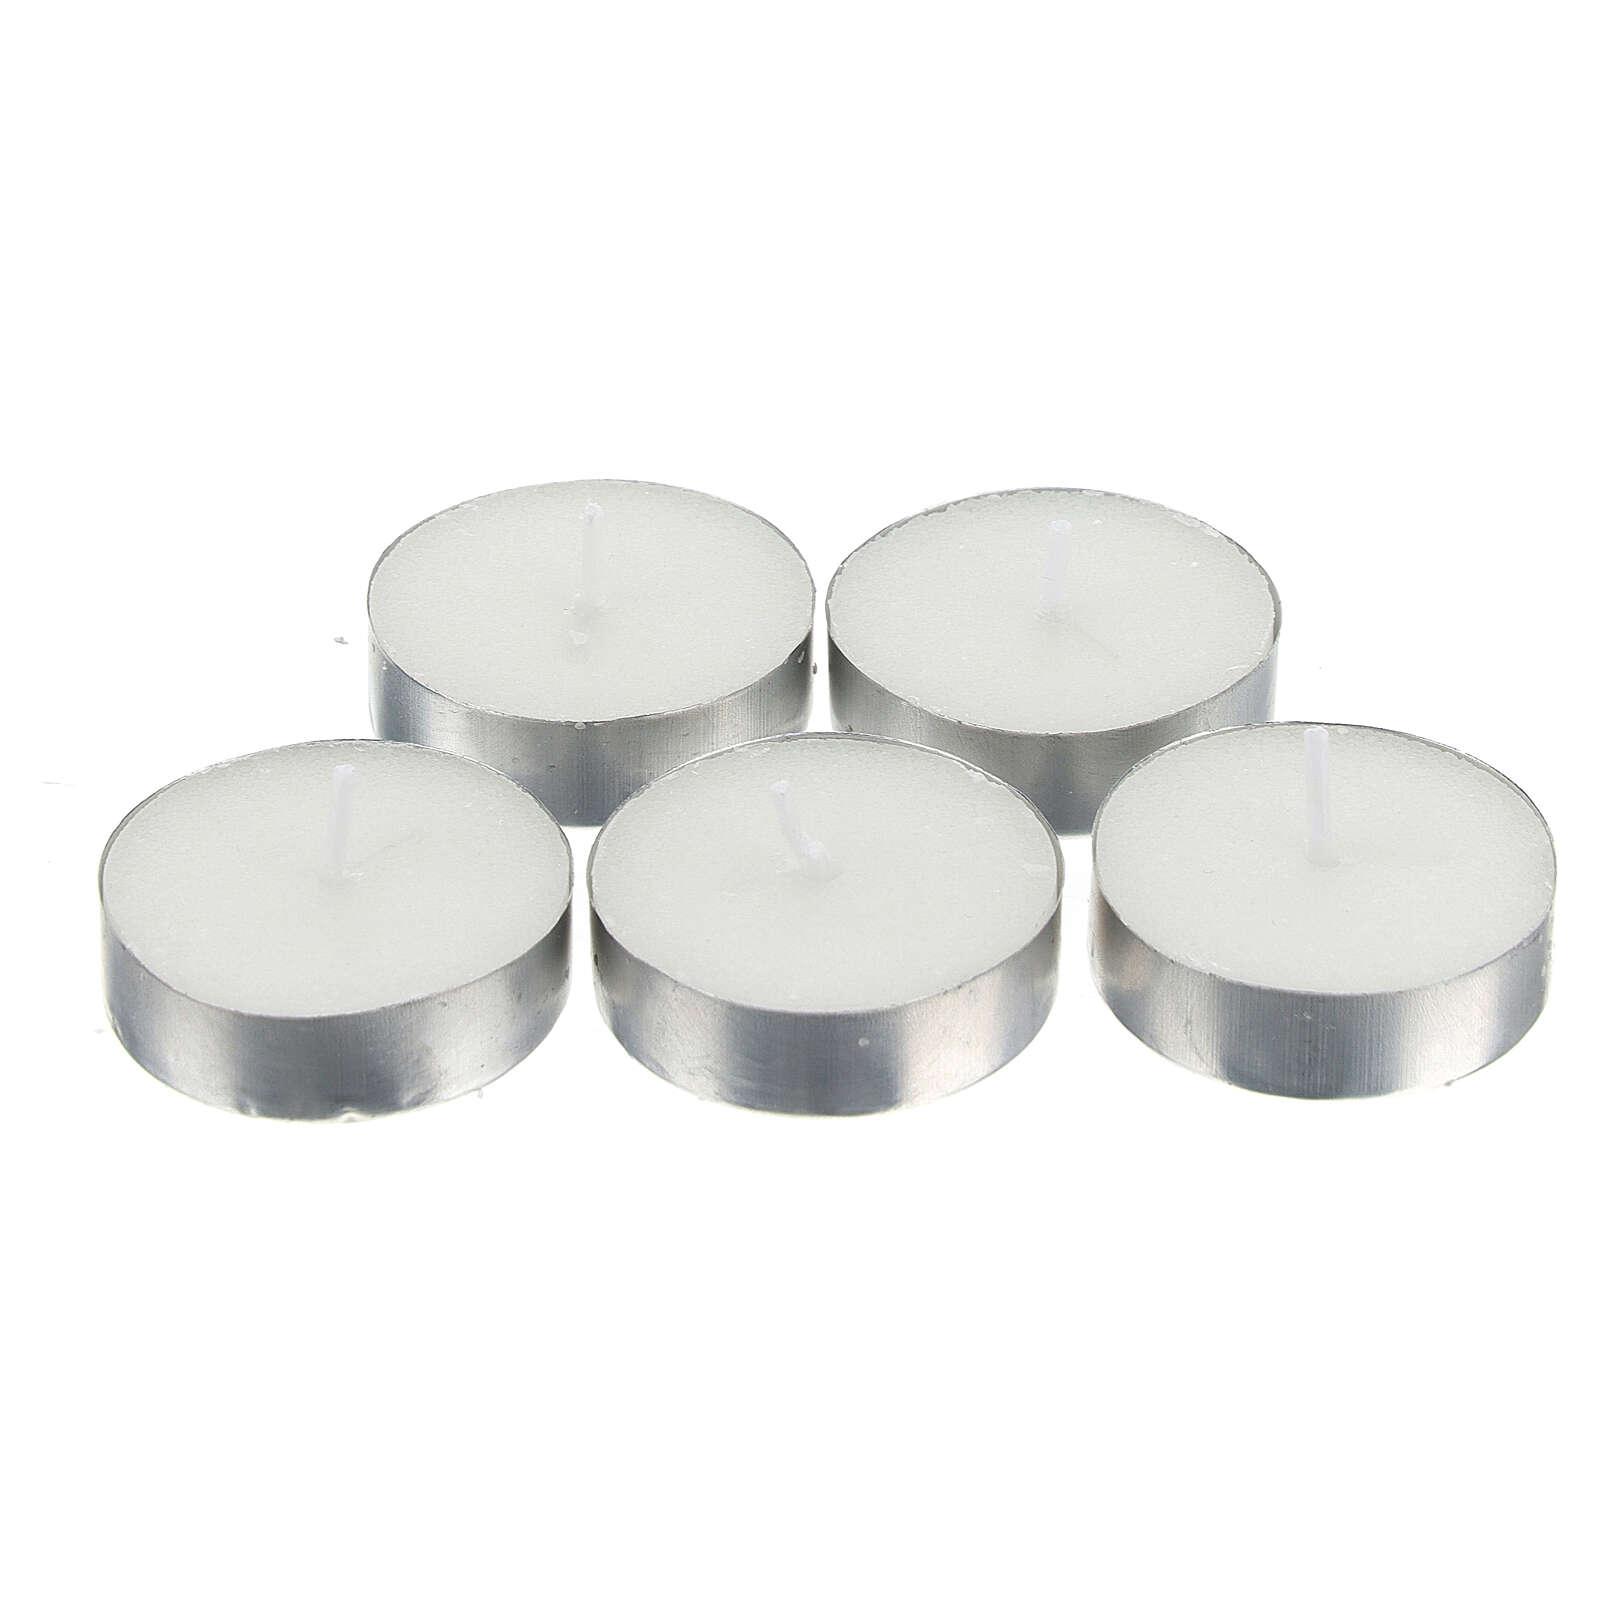 Lumino 2 ore 30 min Tealight 10 g (confezione) 3